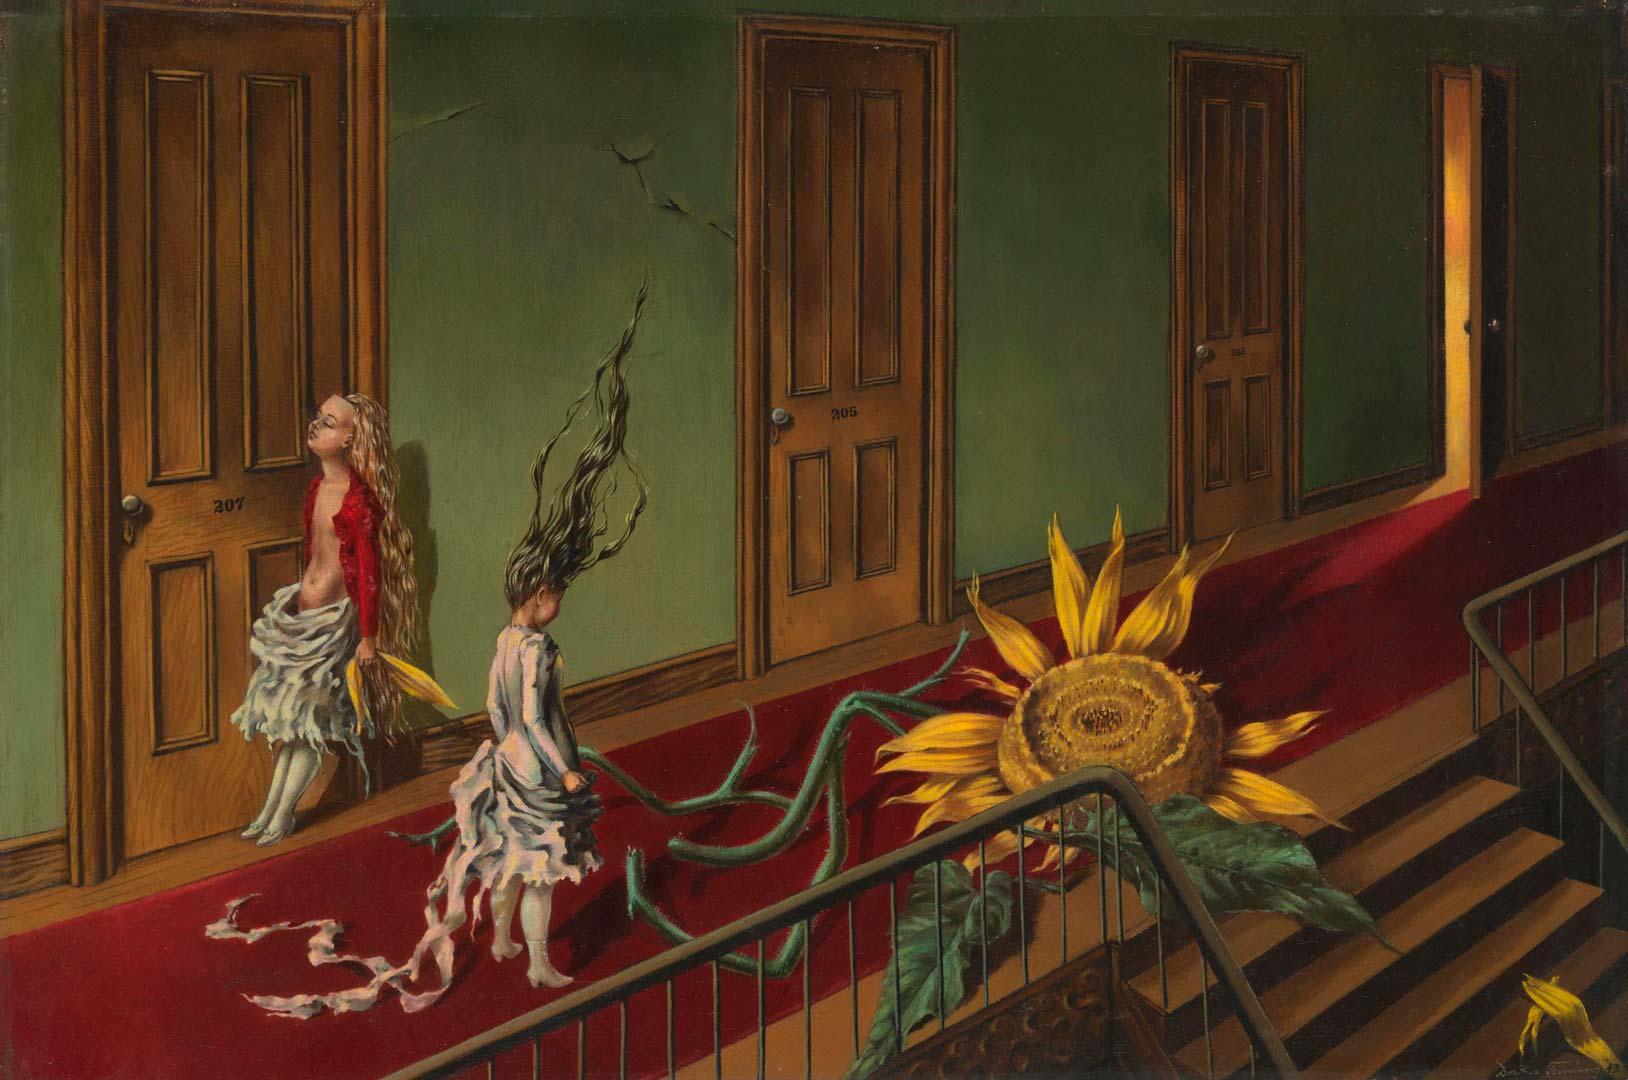 Eine Kleine Nachtmusik - Un poco de música Nocturna - Cuadro Surrealista pintado por Dorothea Tanning en 1943 - Óleo sobre Lienzo 41 x 61 cm